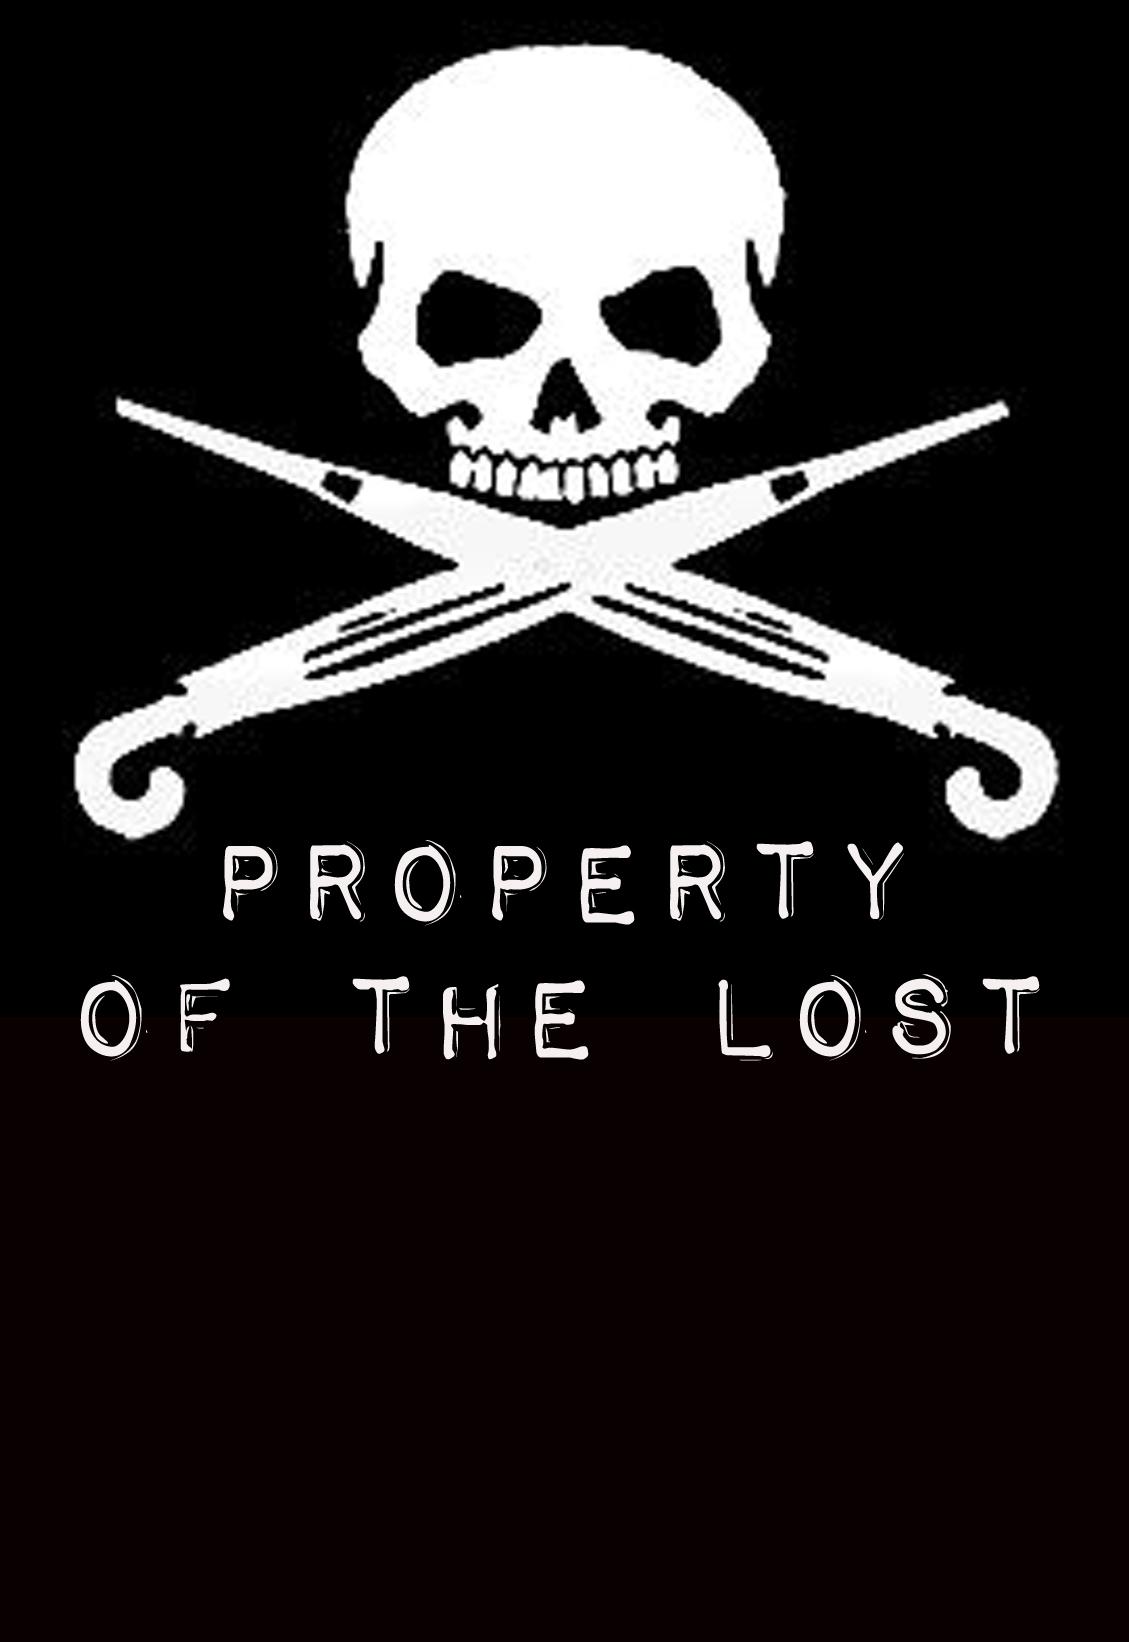 propertyofthelost